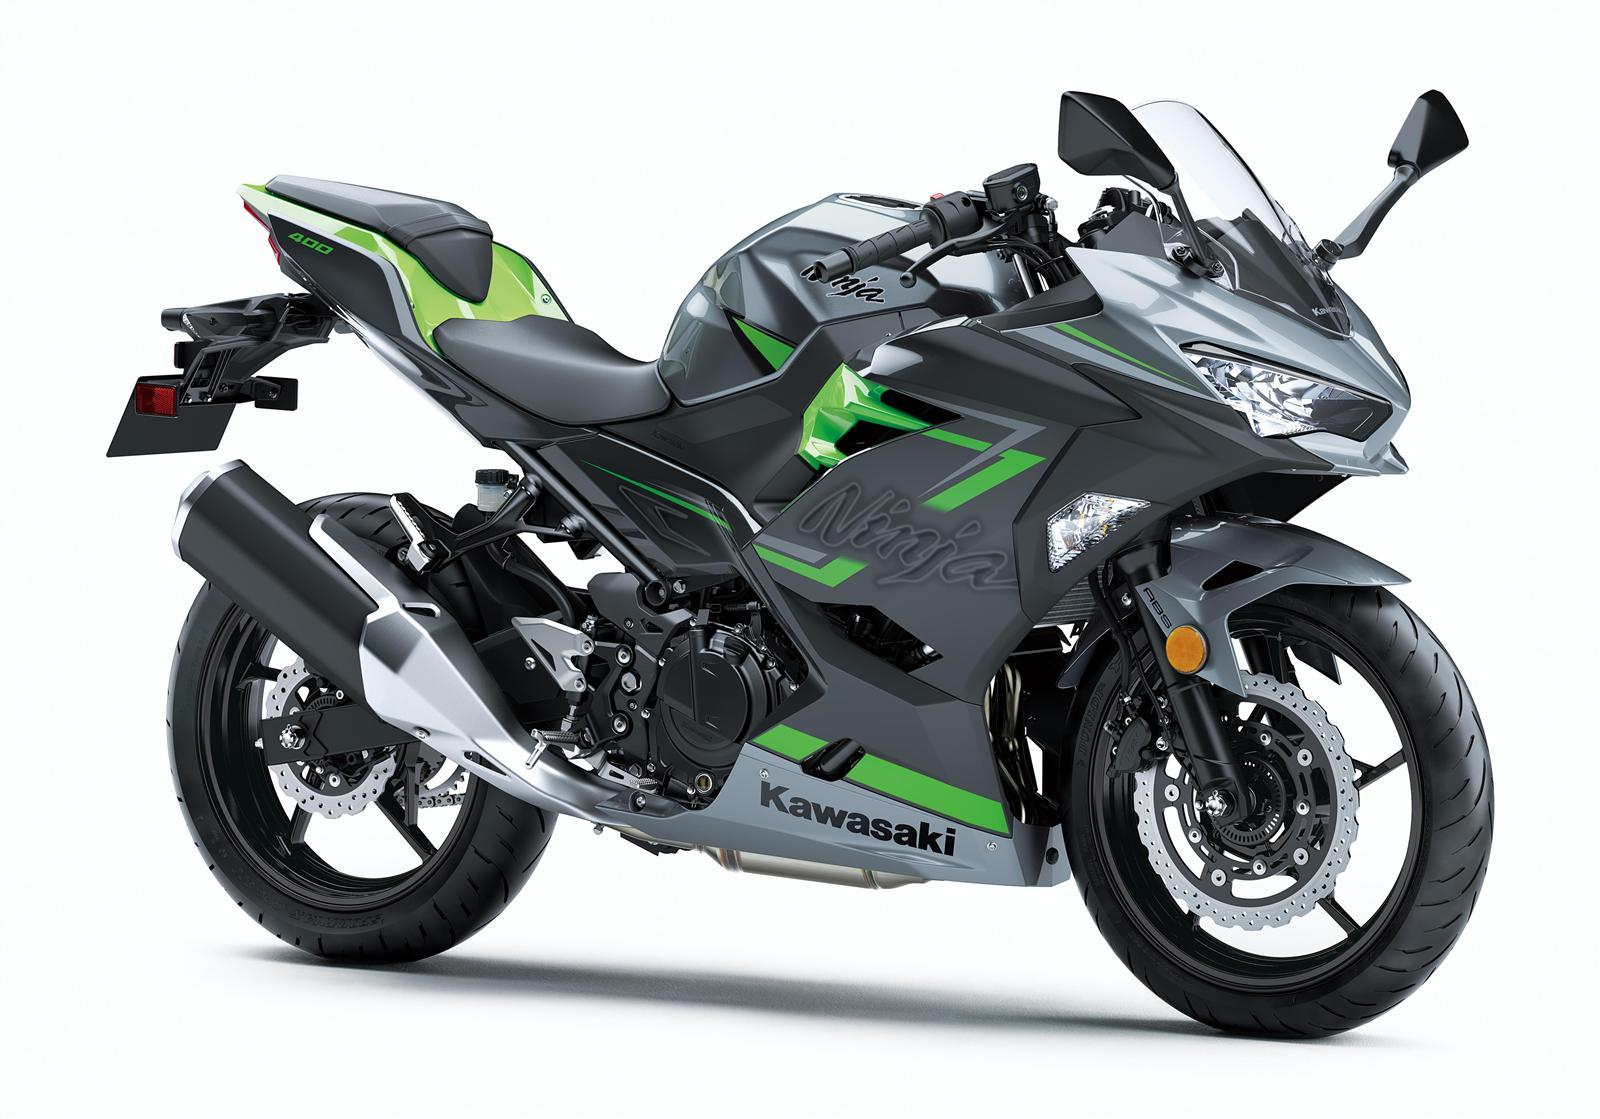 Kawasaki Ninja 400 front